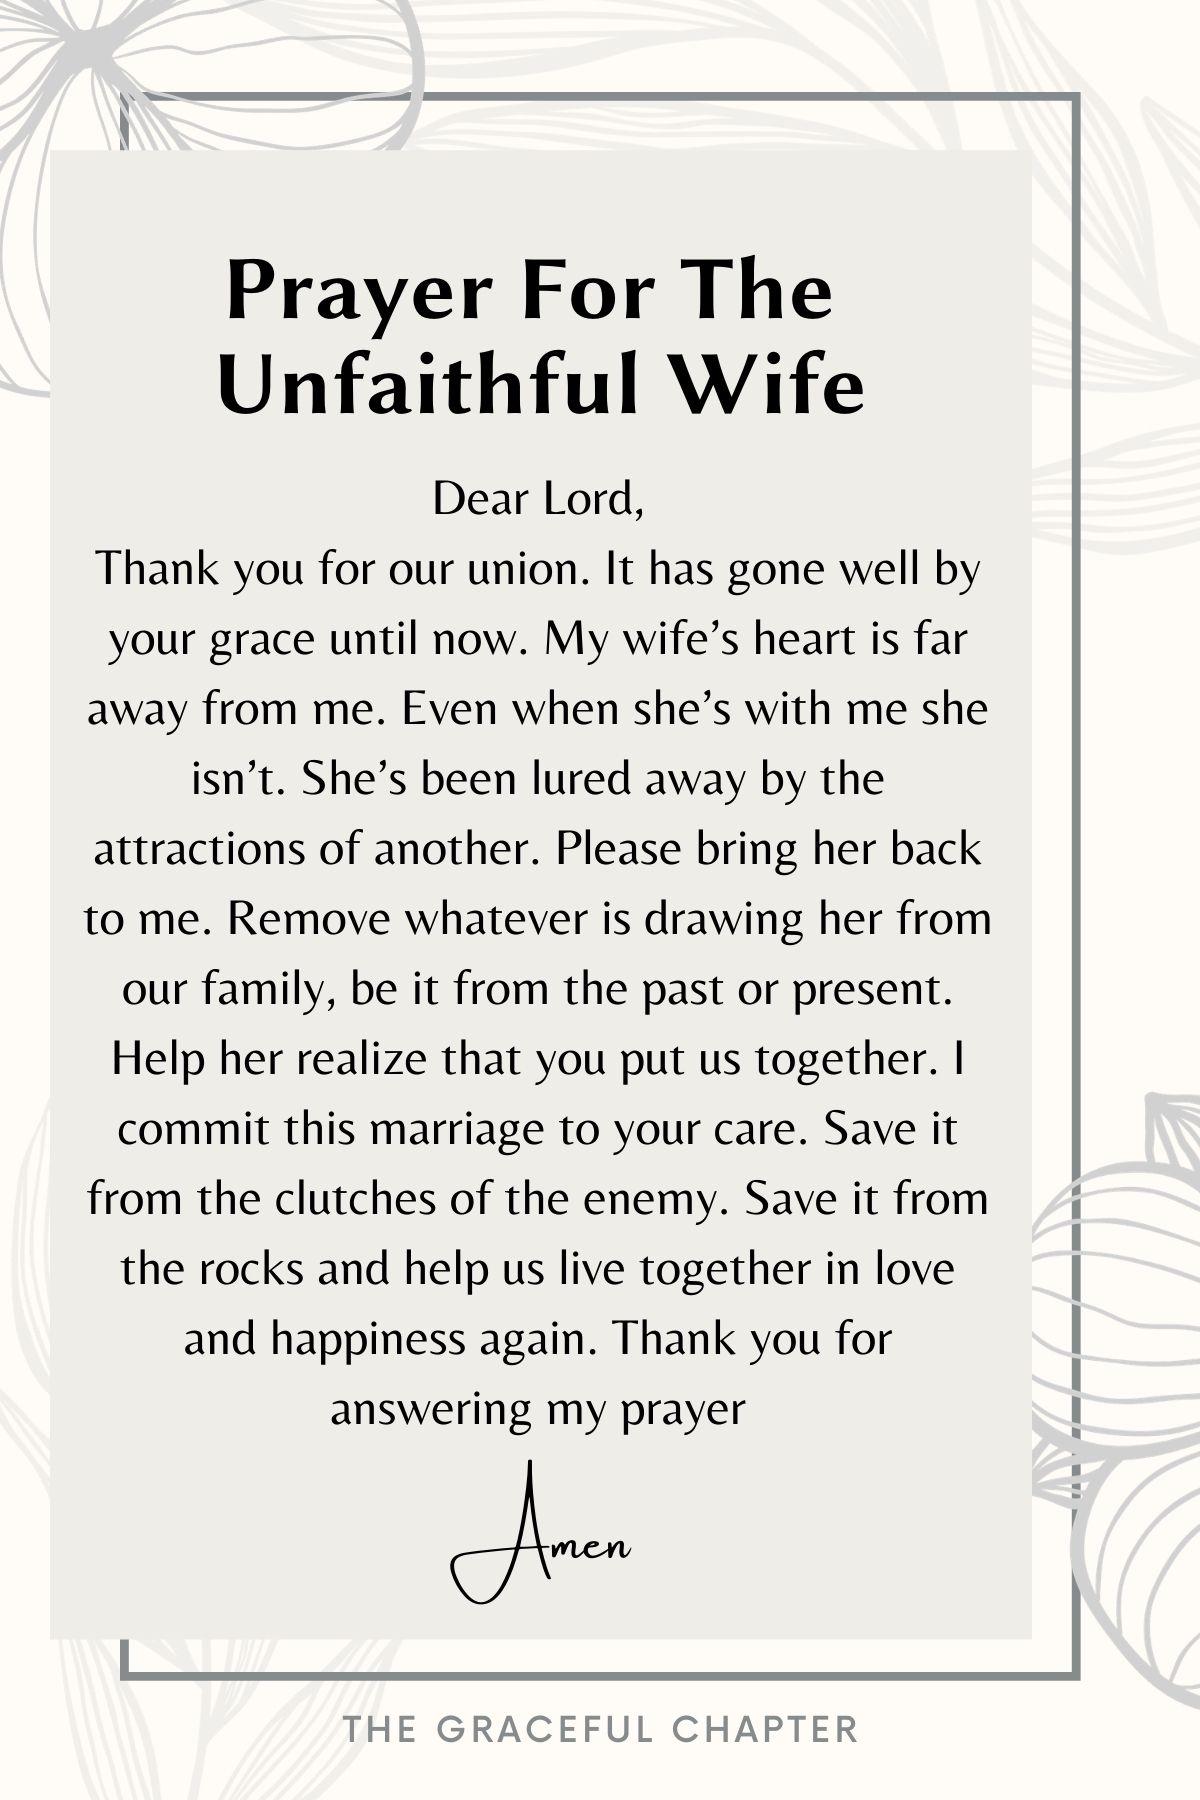 Prayer for the unfaithful wife